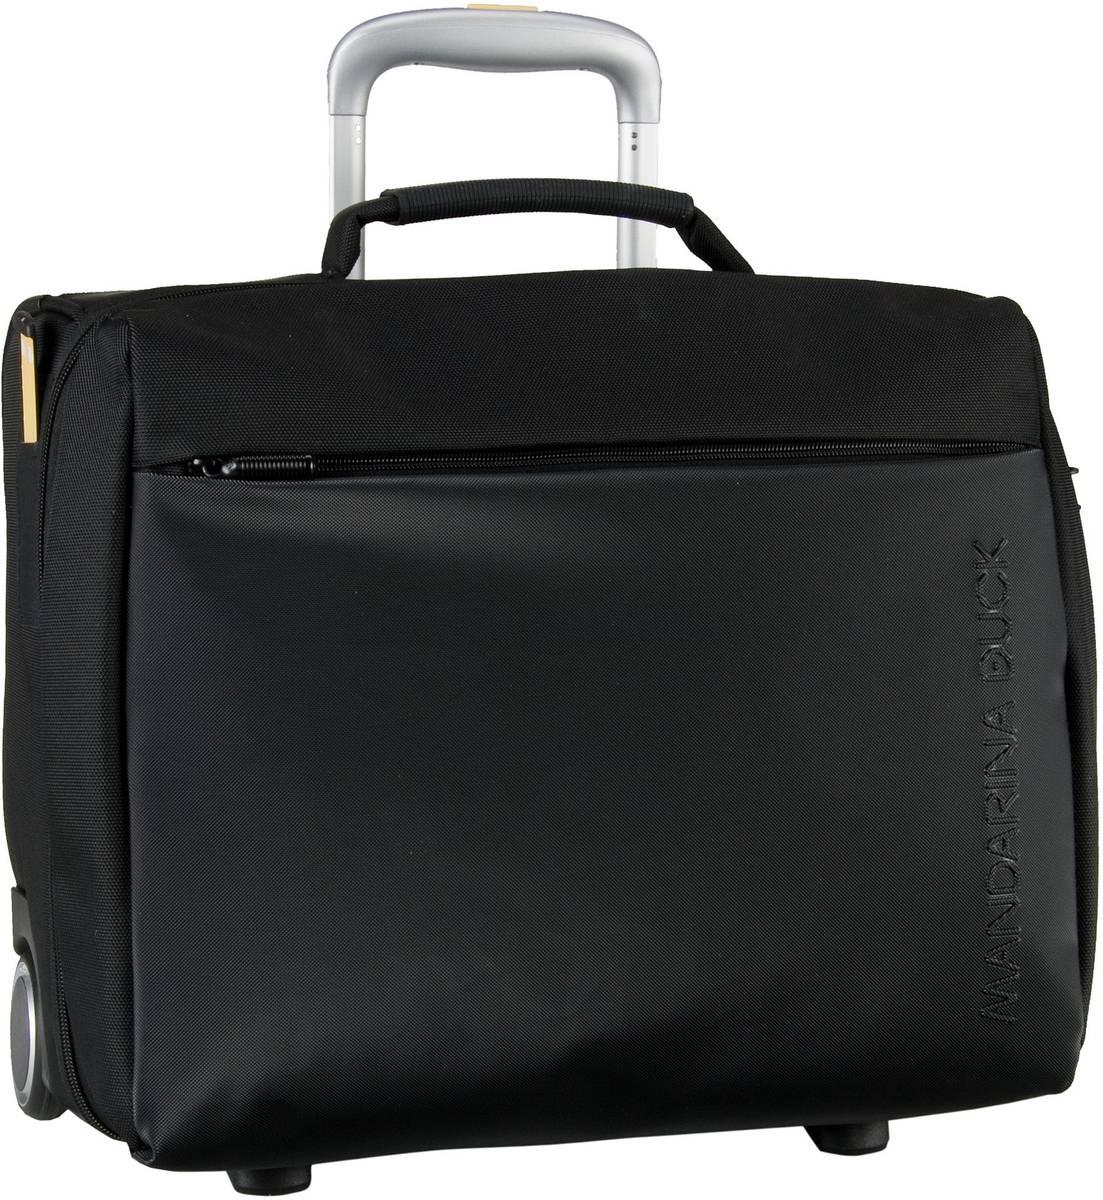 laptops trolley preisvergleiche erfahrungsberichte und kauf bei nextag. Black Bedroom Furniture Sets. Home Design Ideas